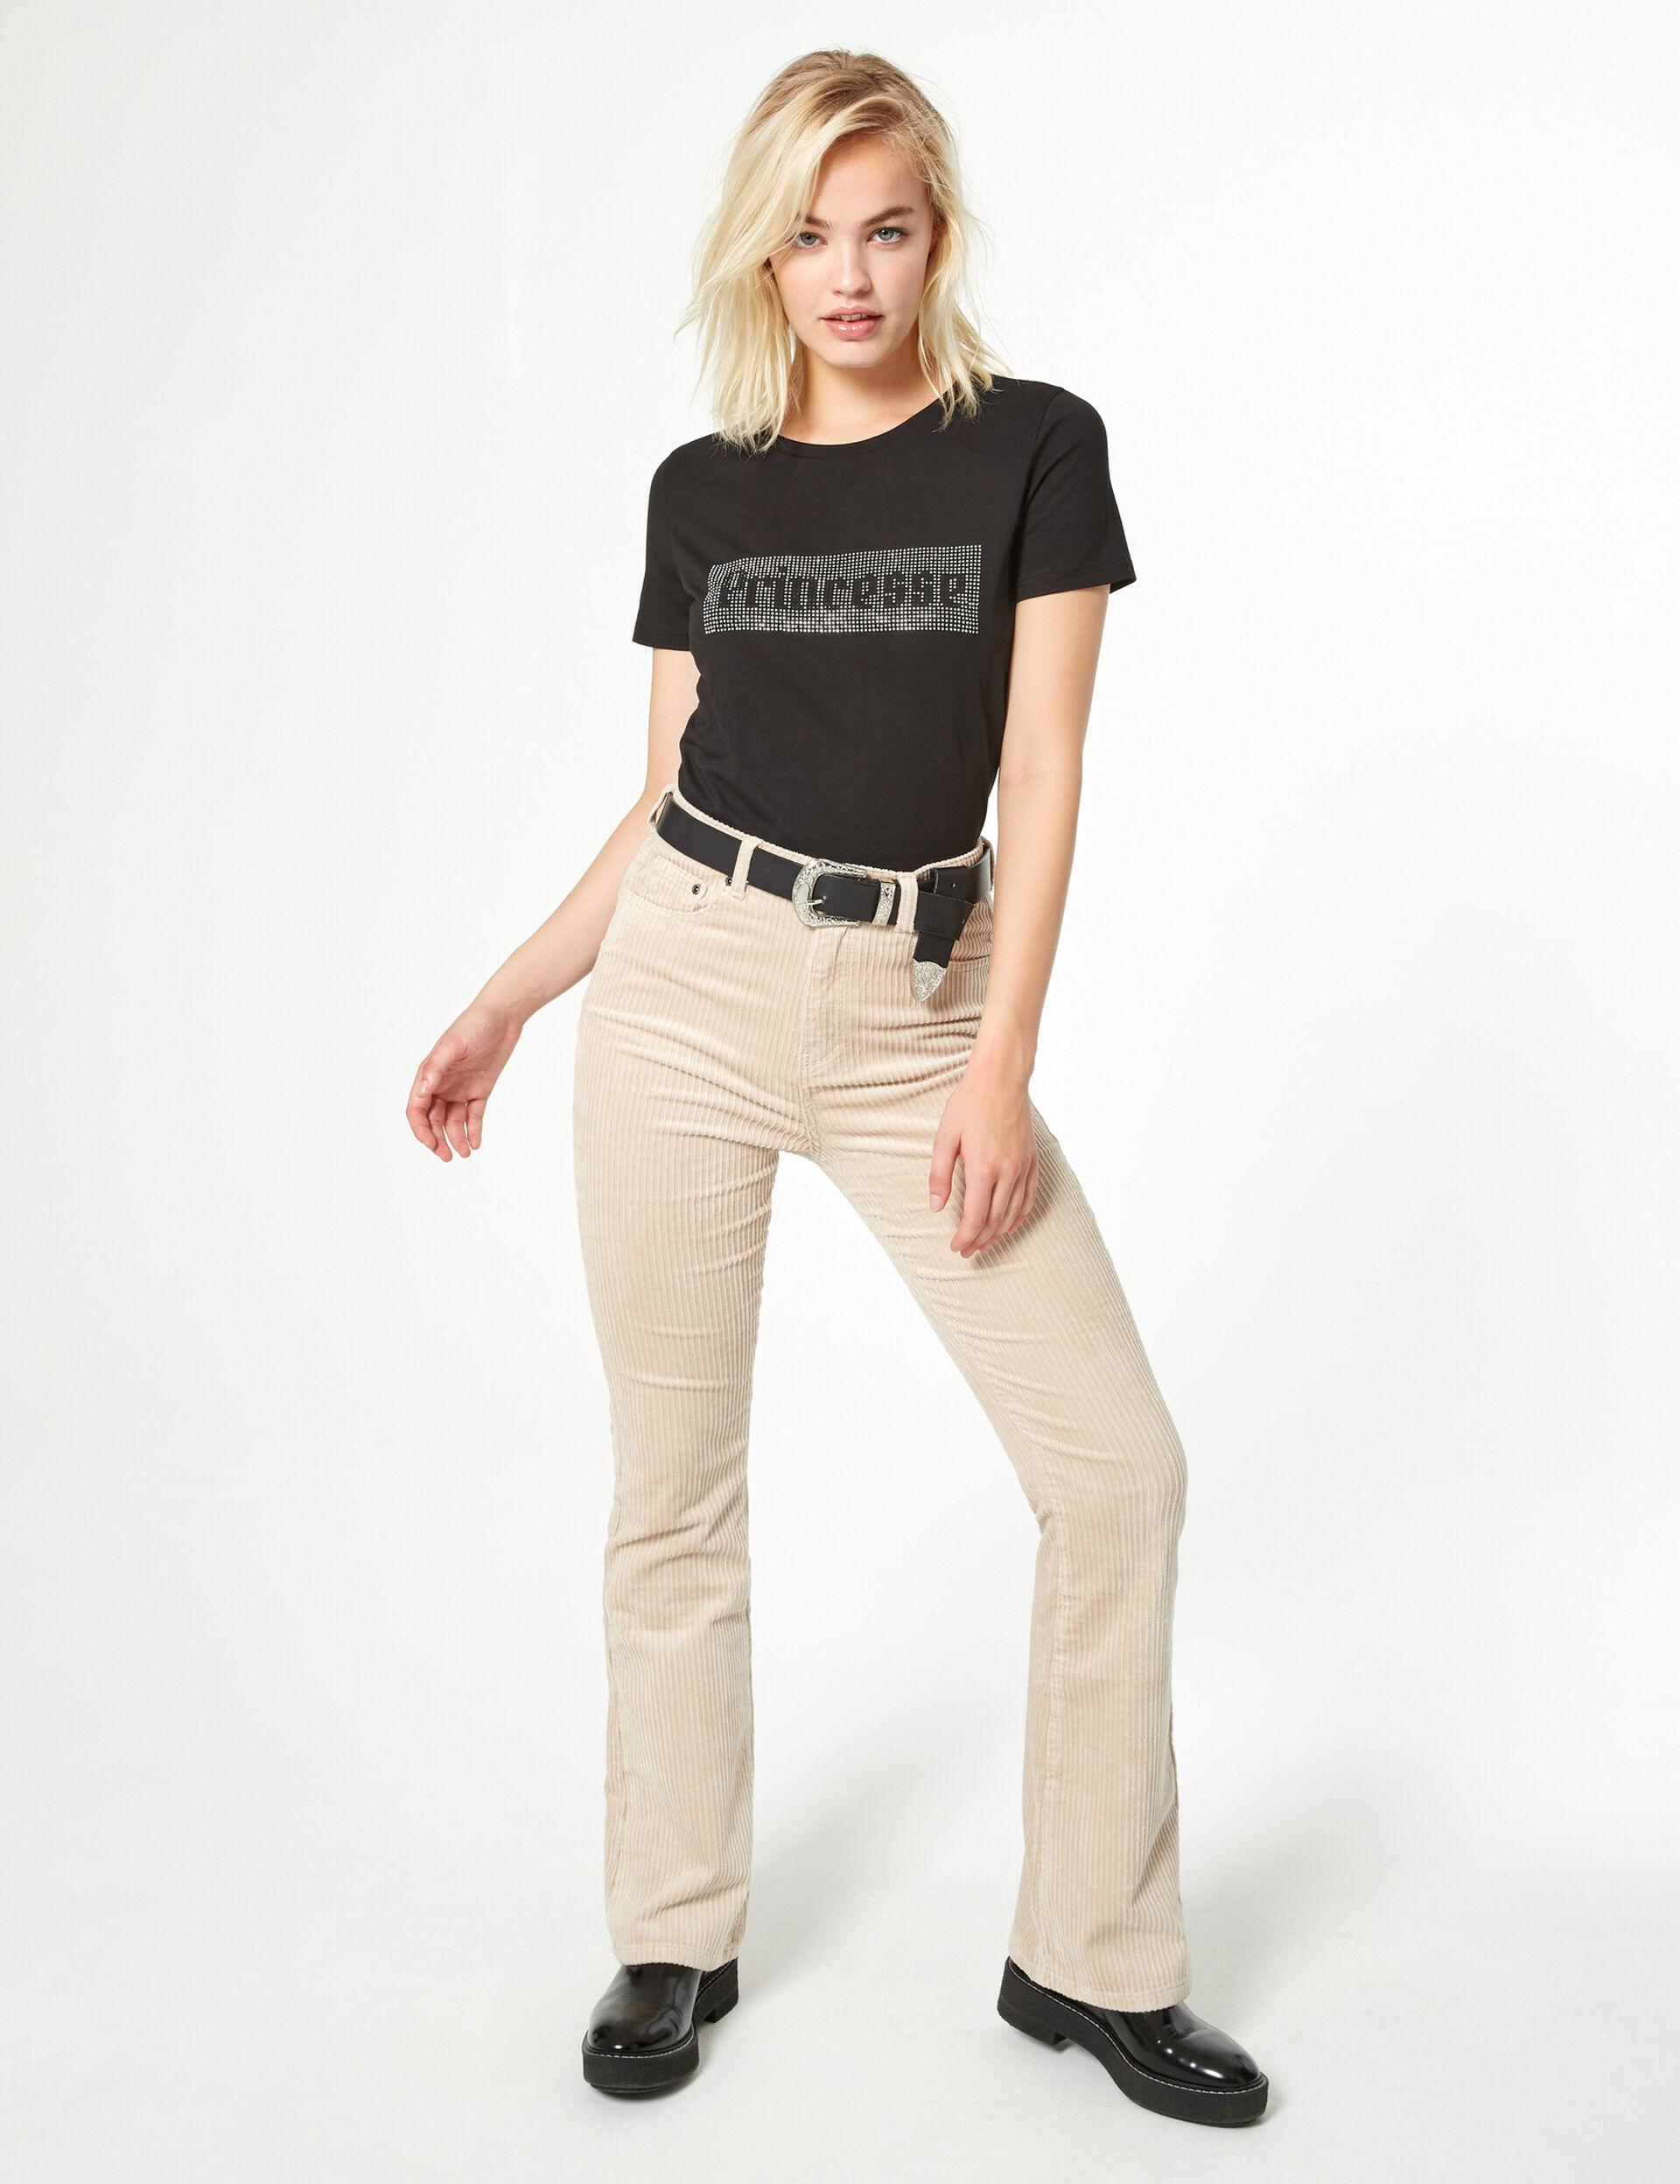 Rhinestone t-shirt